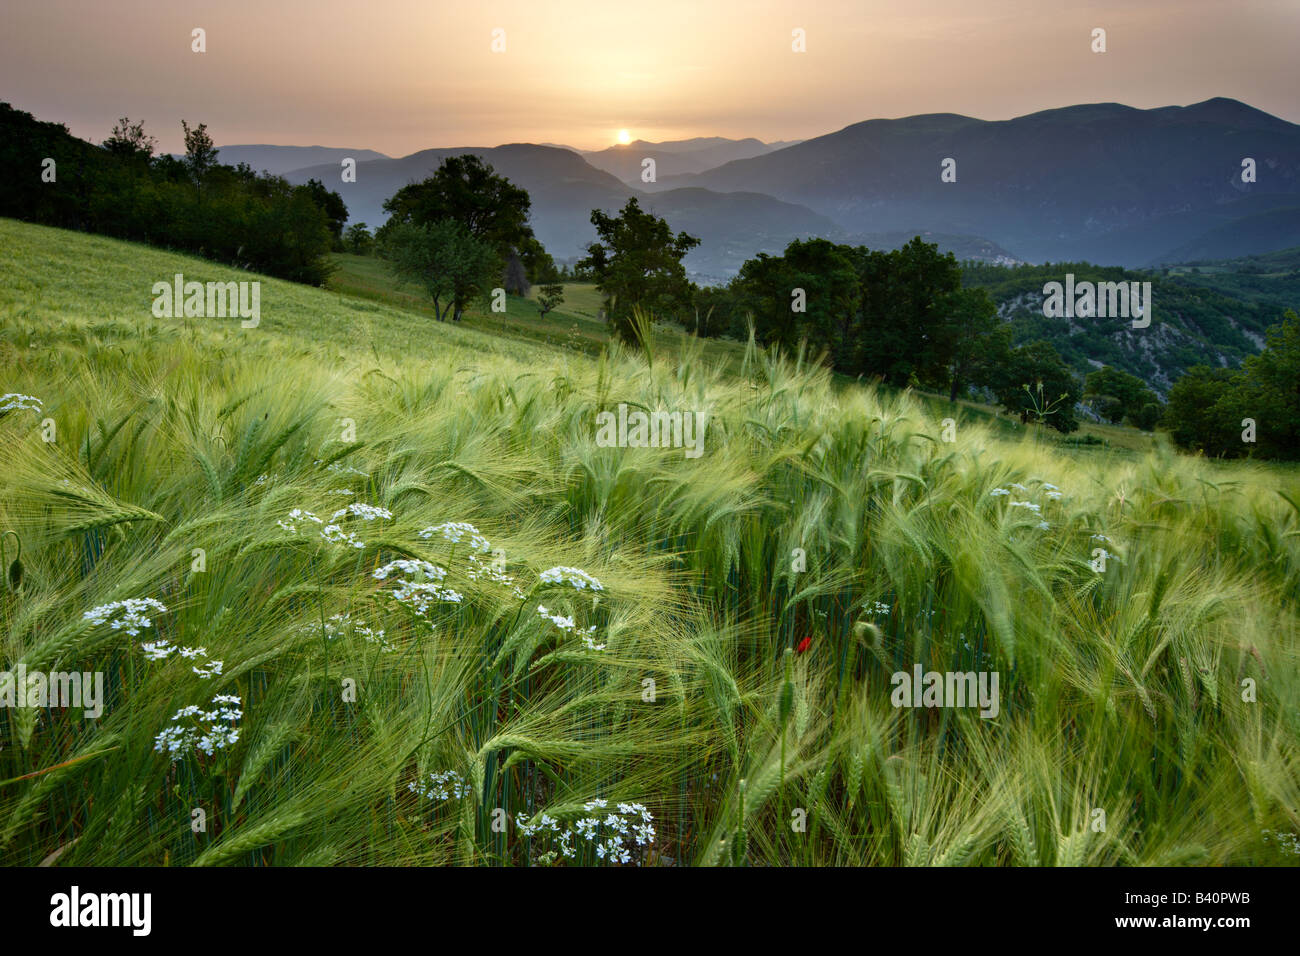 Alba in un campo di orzo che si affaccia sulla Valnerina vicino a Meggiano, Umbria, Italia Foto Stock